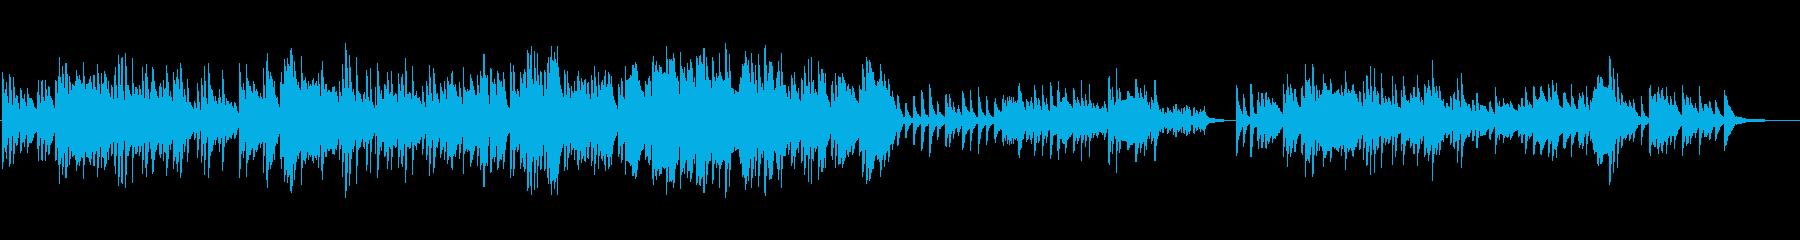 ピアノソロ 木漏れ日のよう 暖かの再生済みの波形